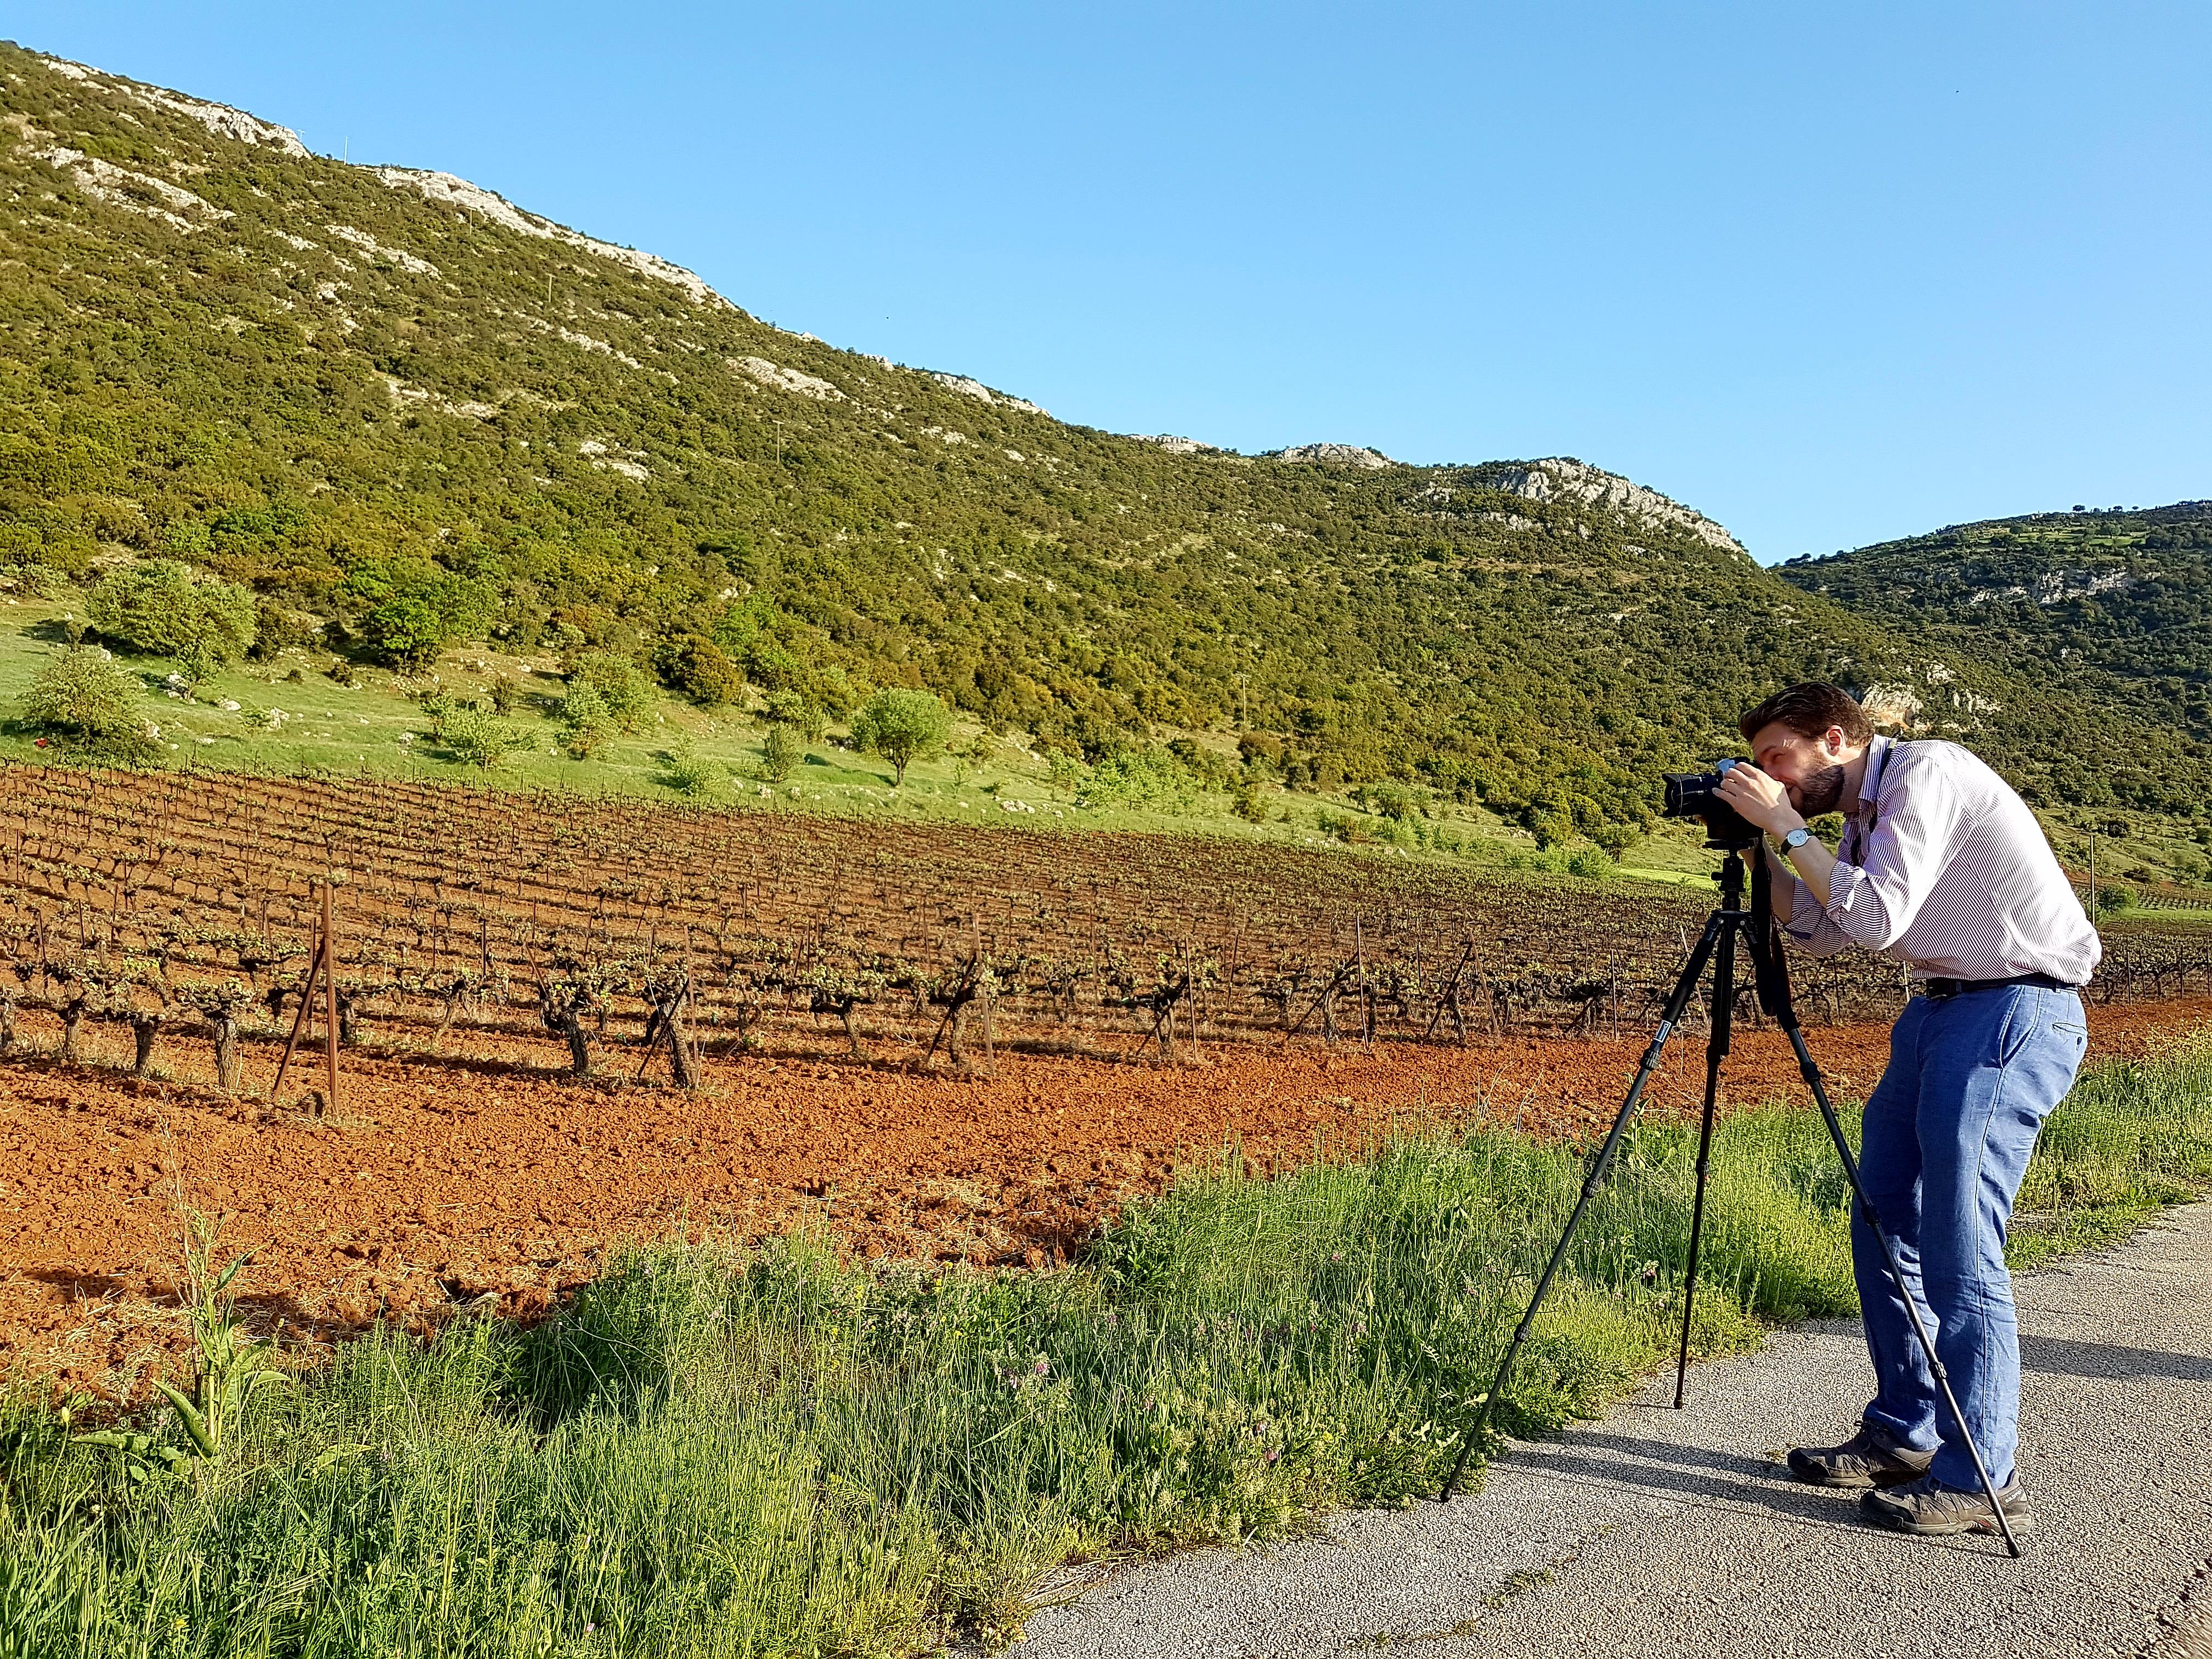 Private Nemean Wine Tour, Ancient Nemea & Mycenae from Athens